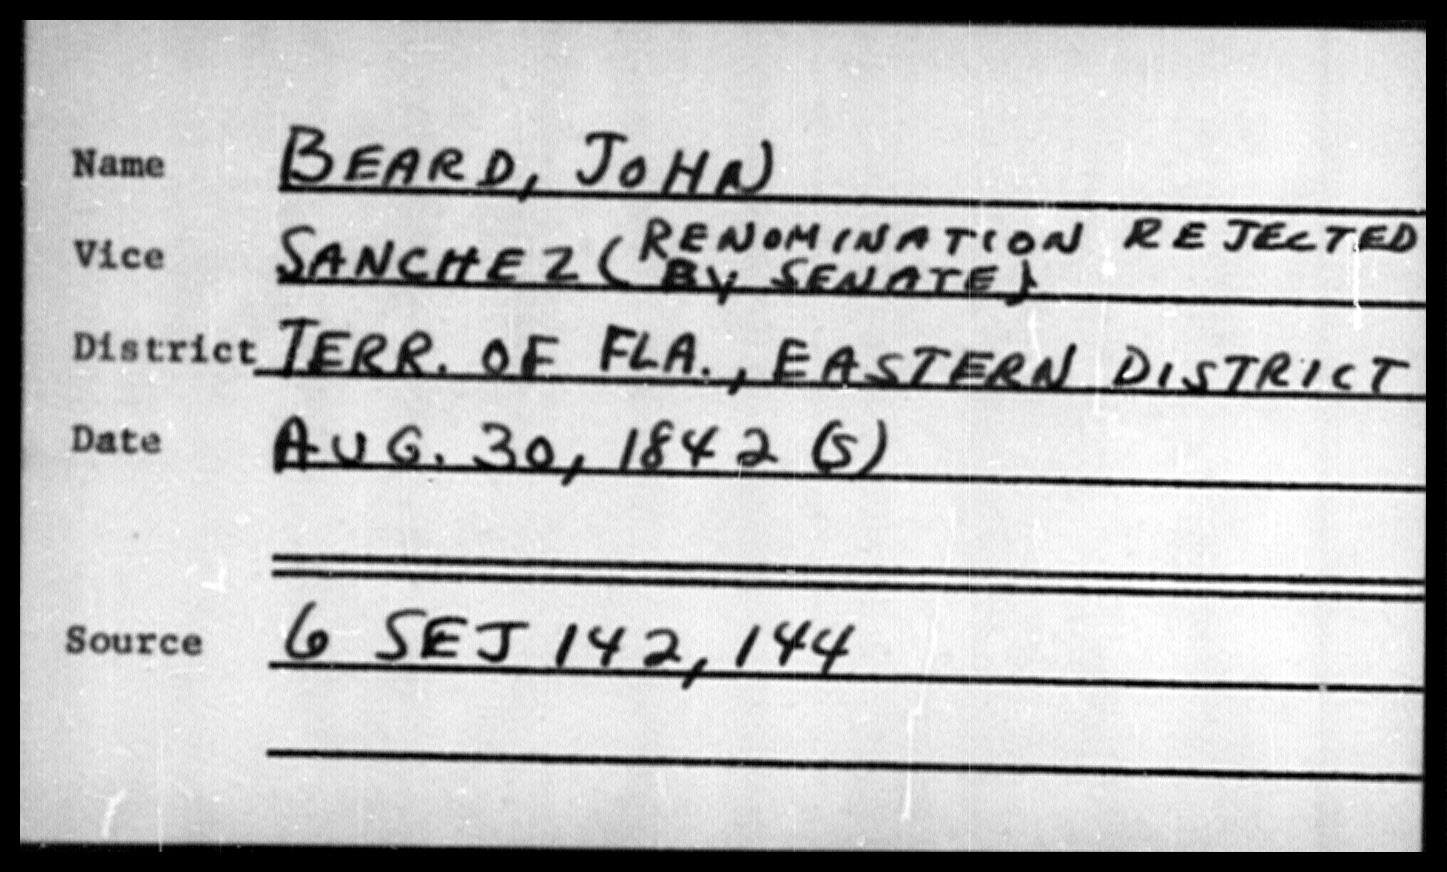 Beard, John